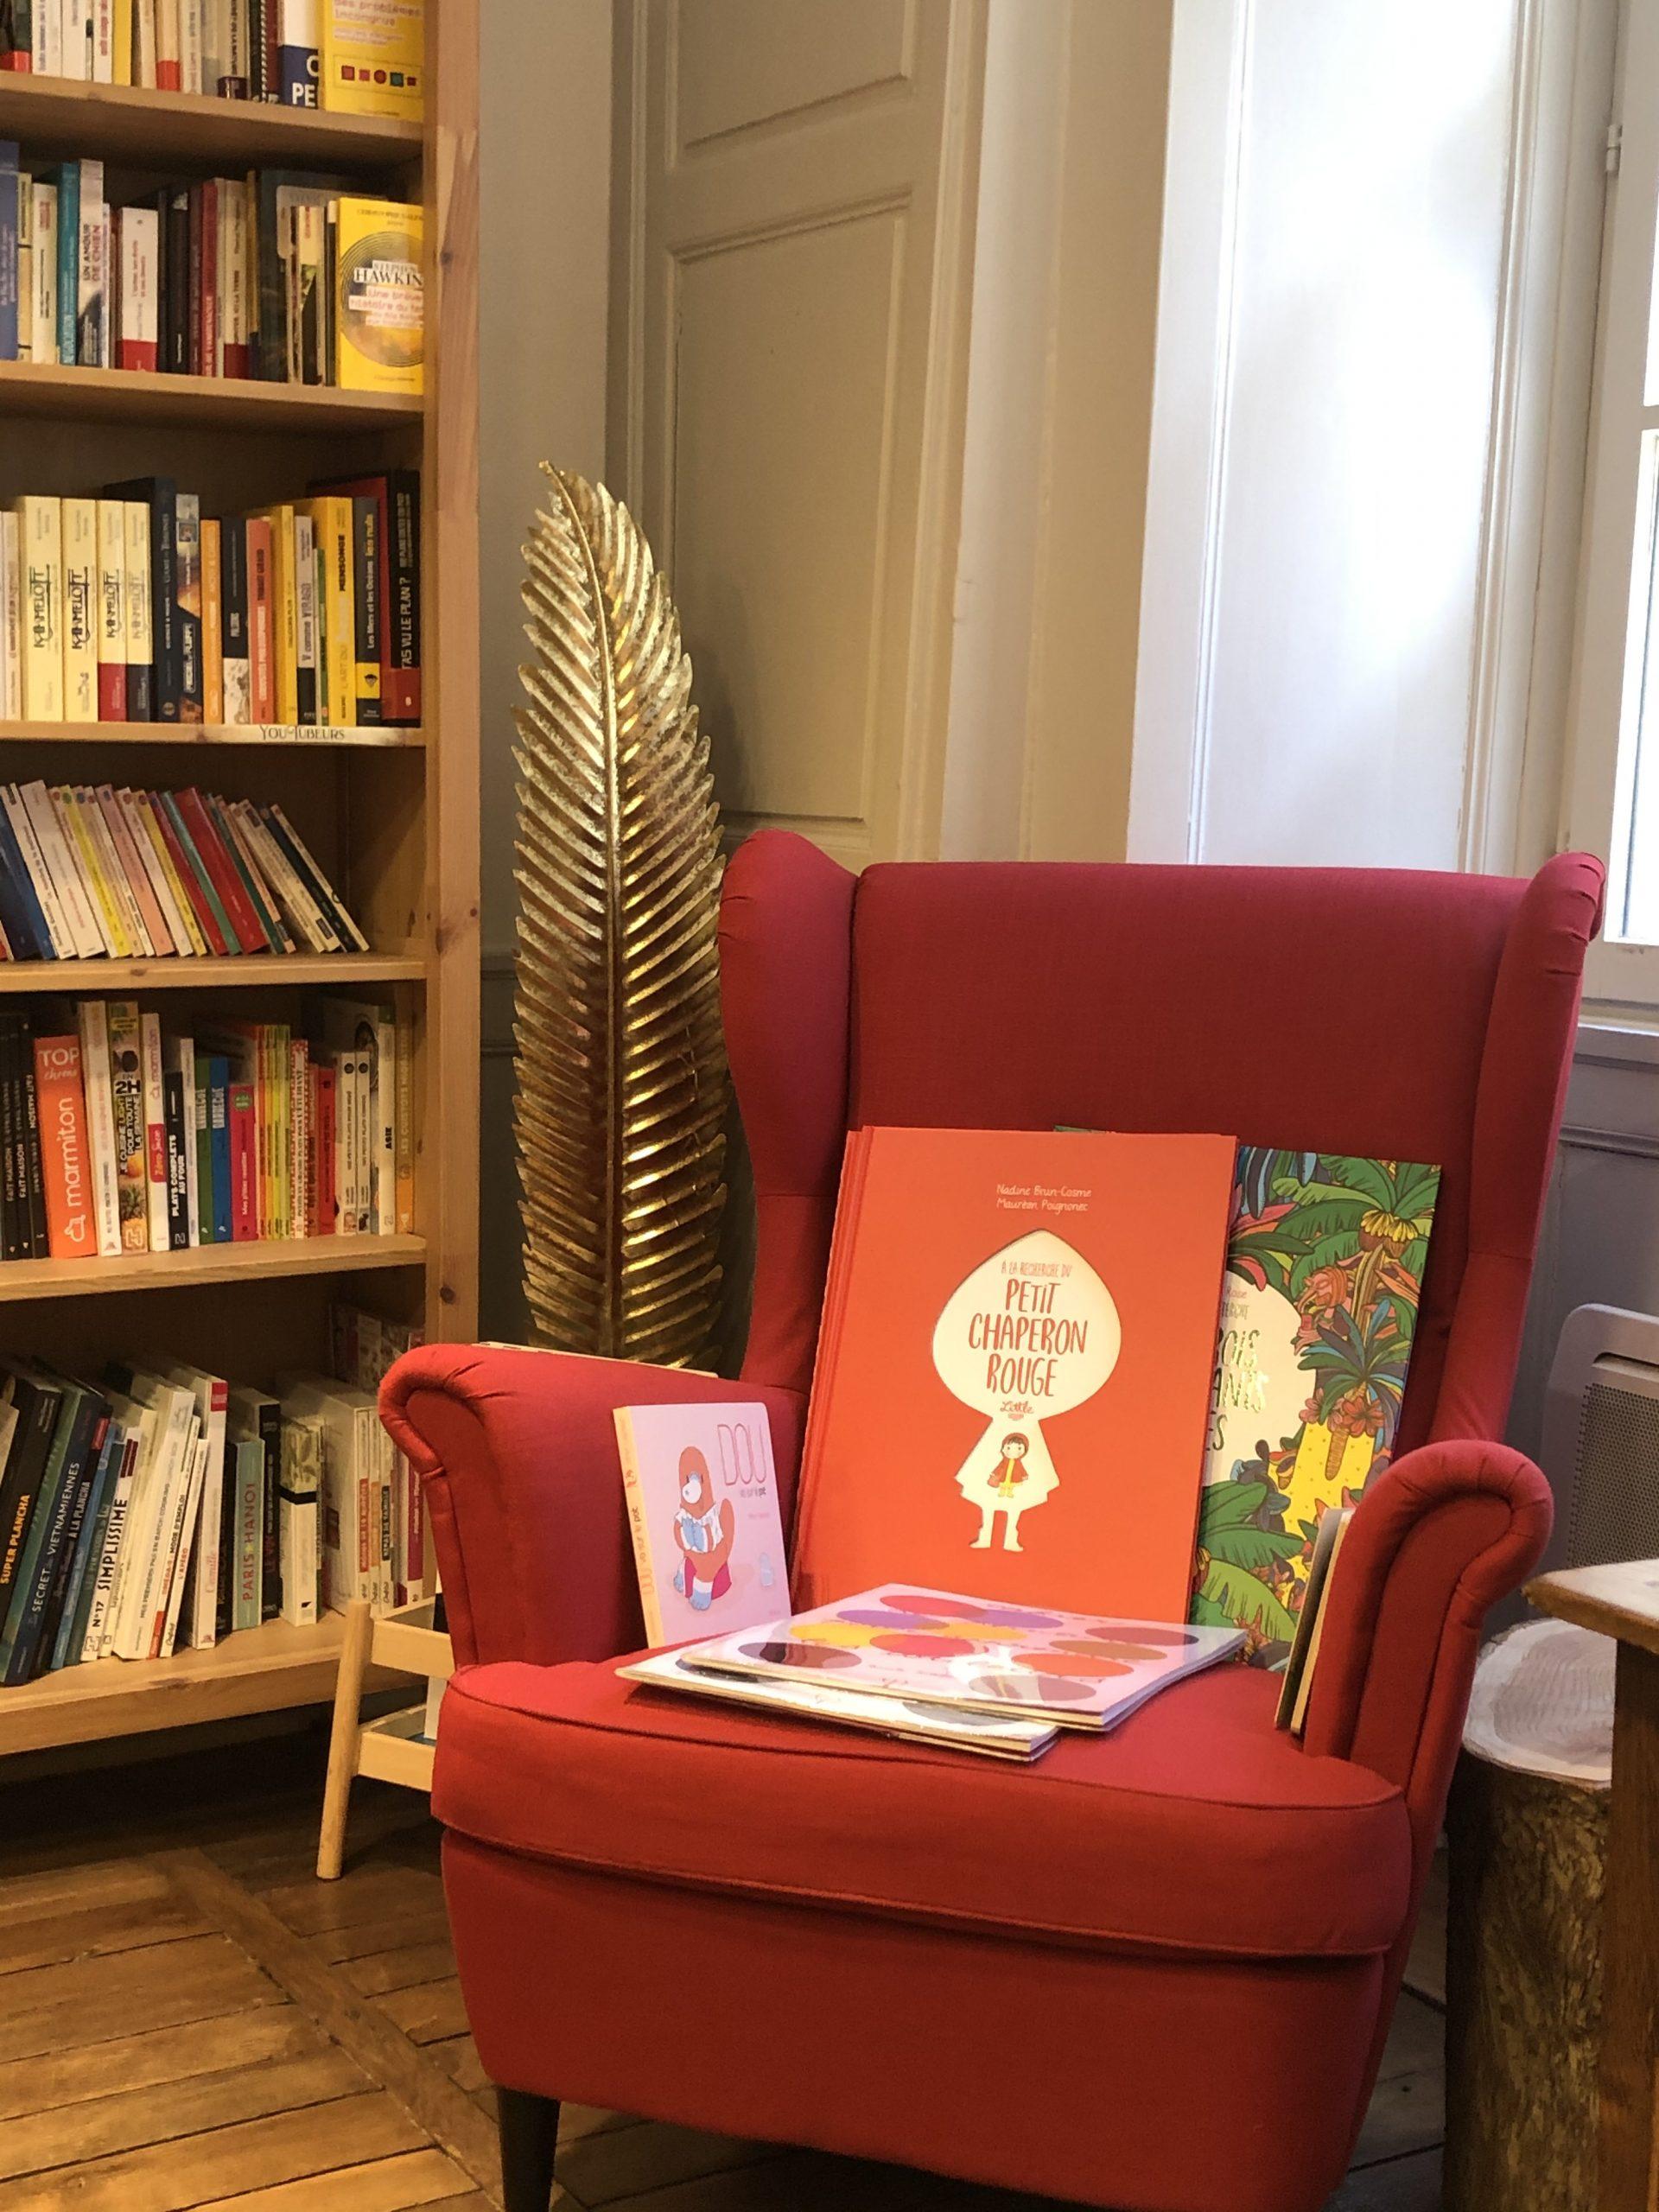 fauteuil rouge et livres jeunesses